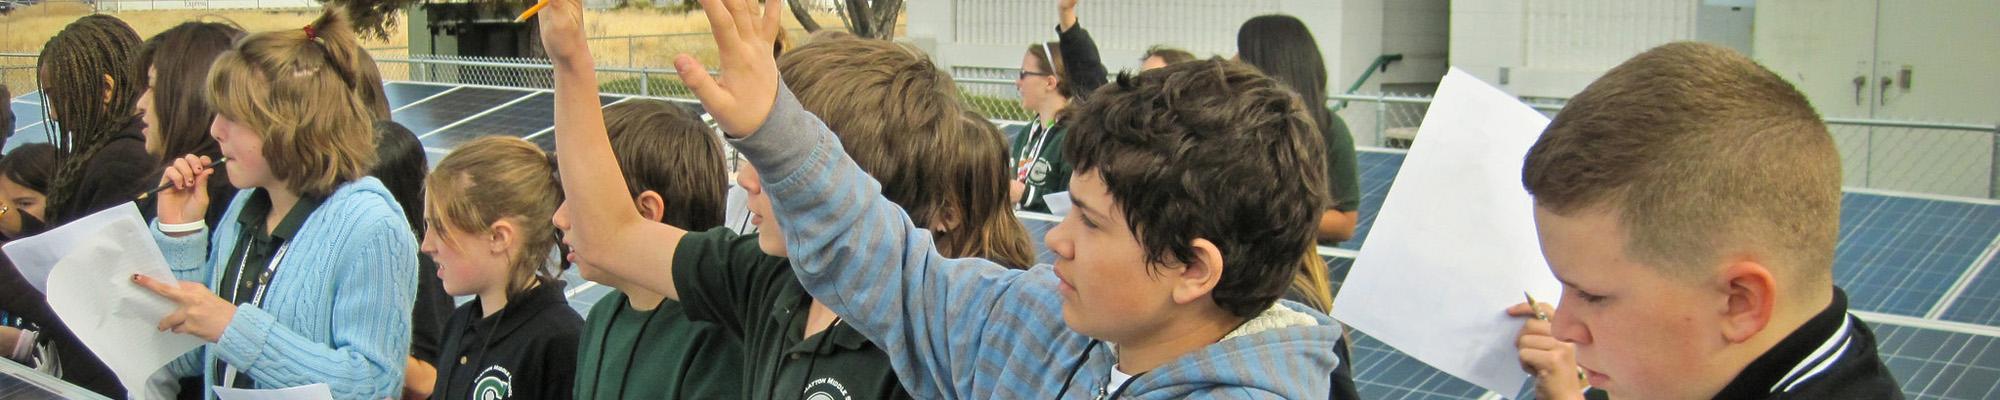 KidsLearnSolar2012_banner